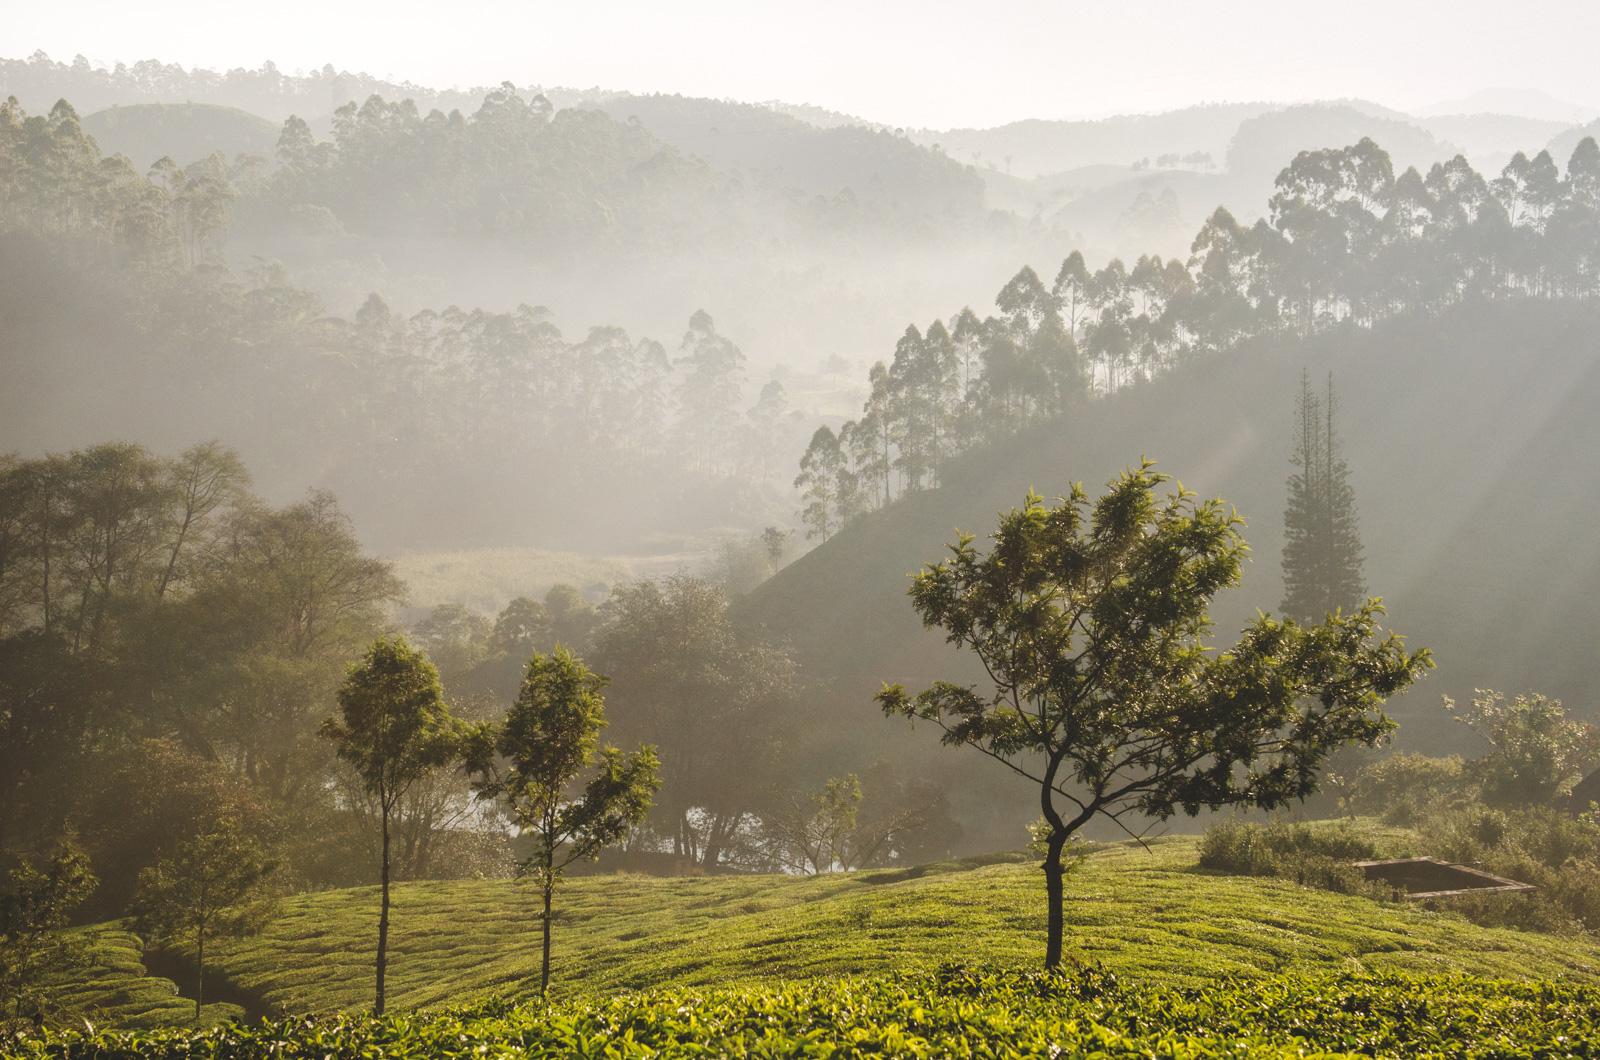 Munnar-Kerala-India-Edit-Edit.jpg